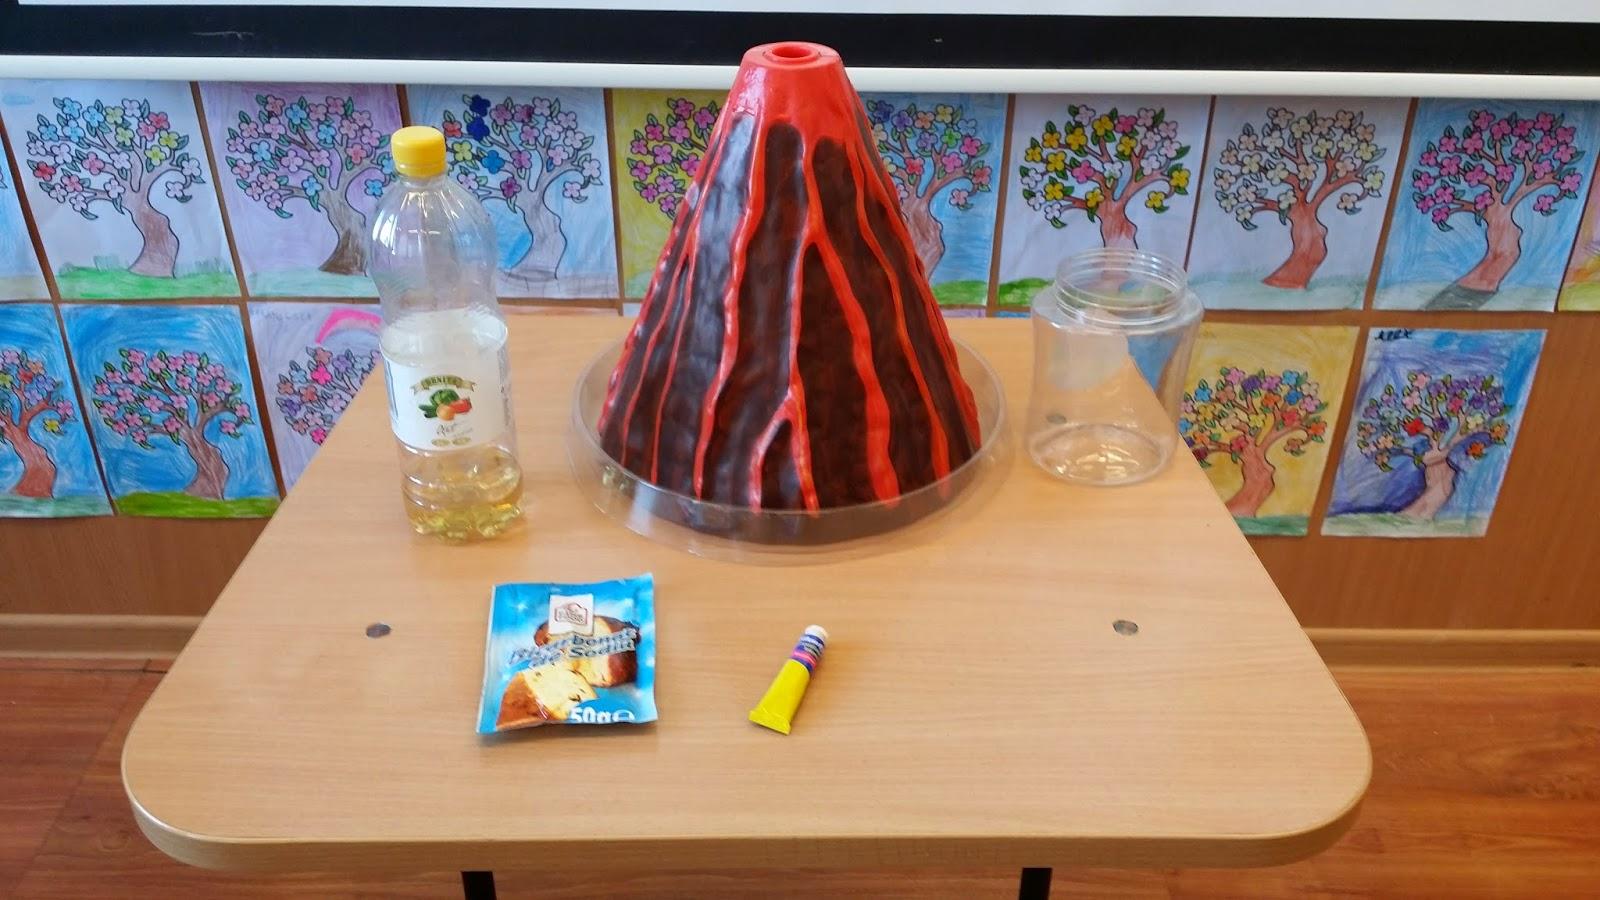 Experiment Volcano Baking Soda